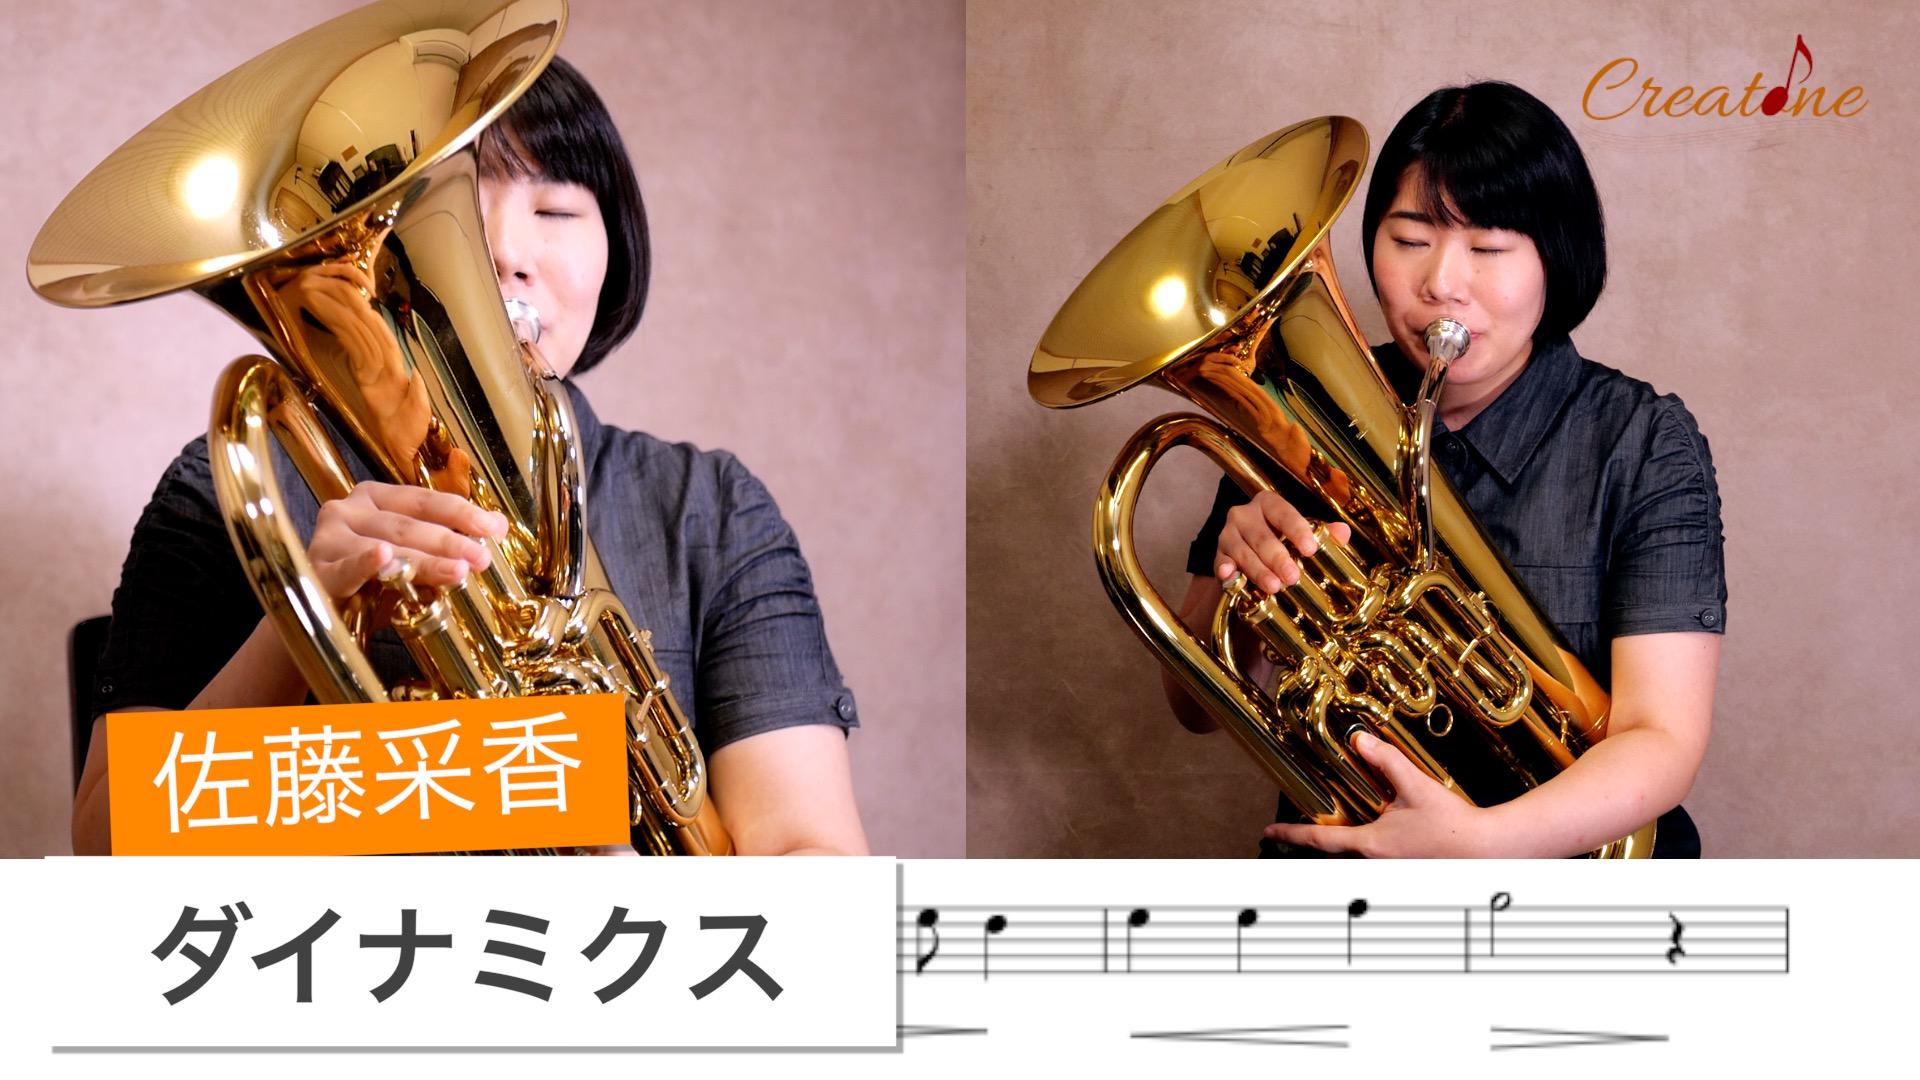 佐藤采香17 ダイナミクス サムネ